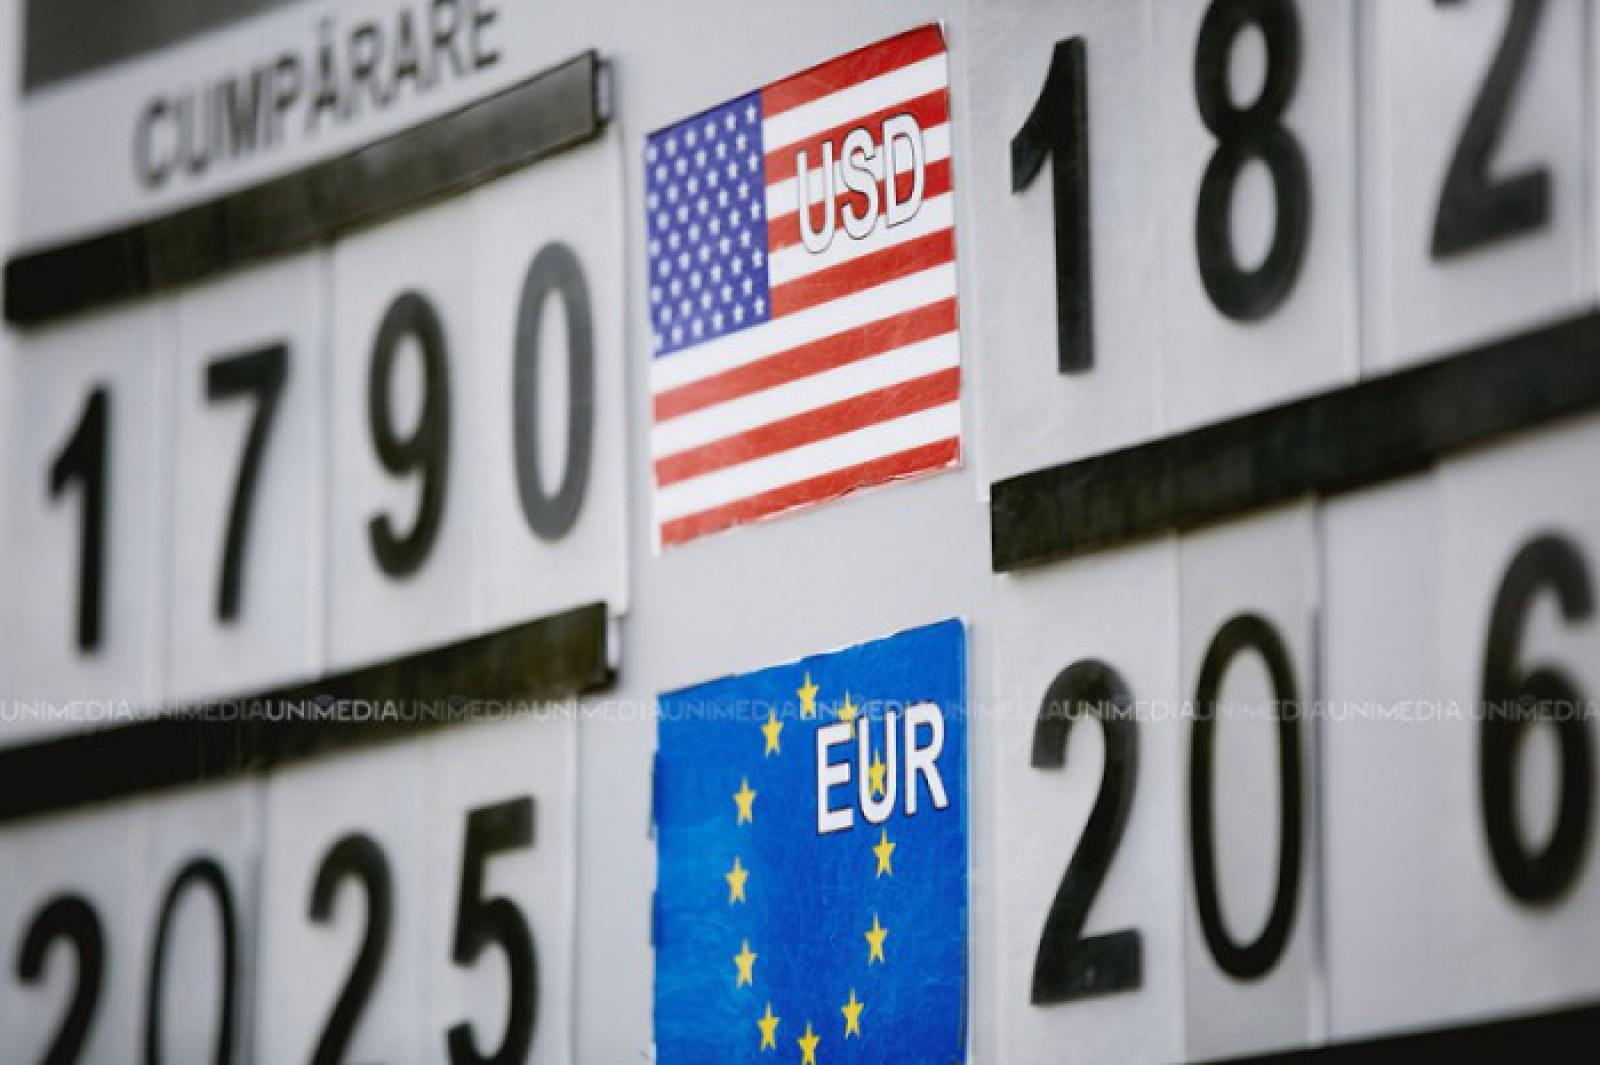 Curs valutar: Leul moldovenesc pierde teren în față monedei euro